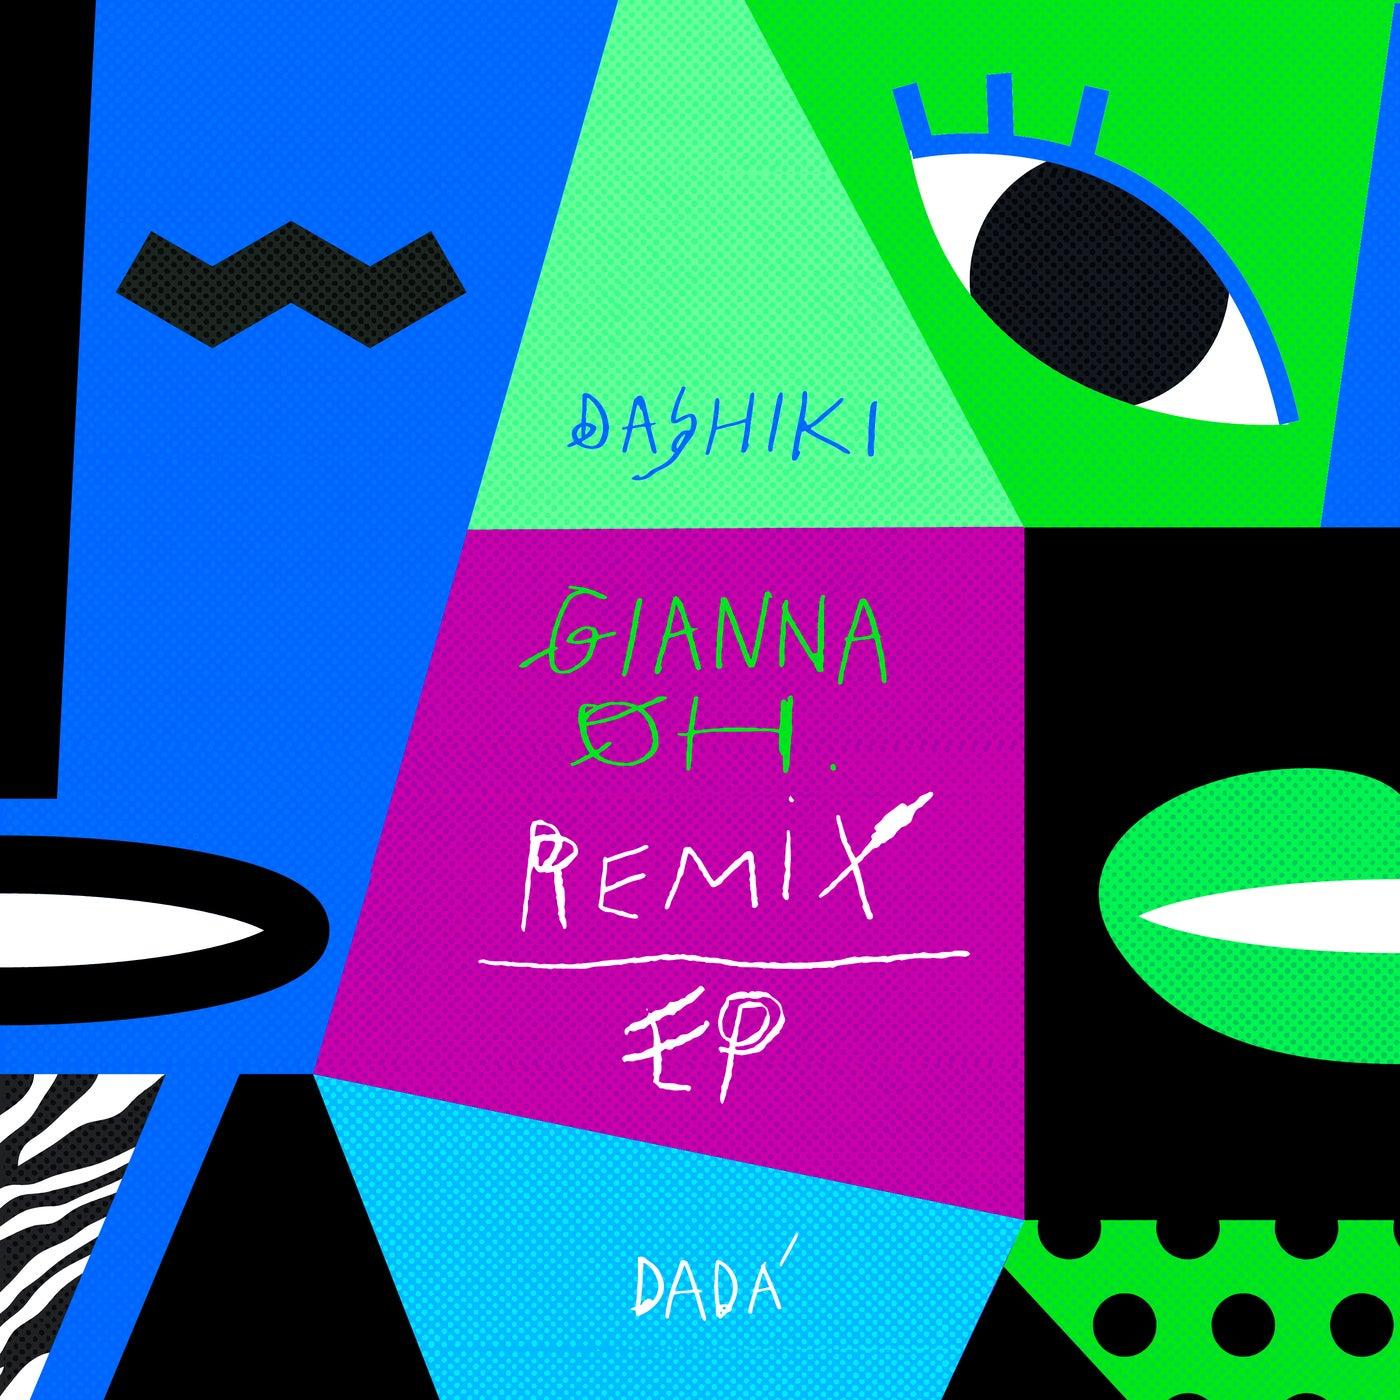 Gianna Oh (Mike Dem Remix) (Original Mix)